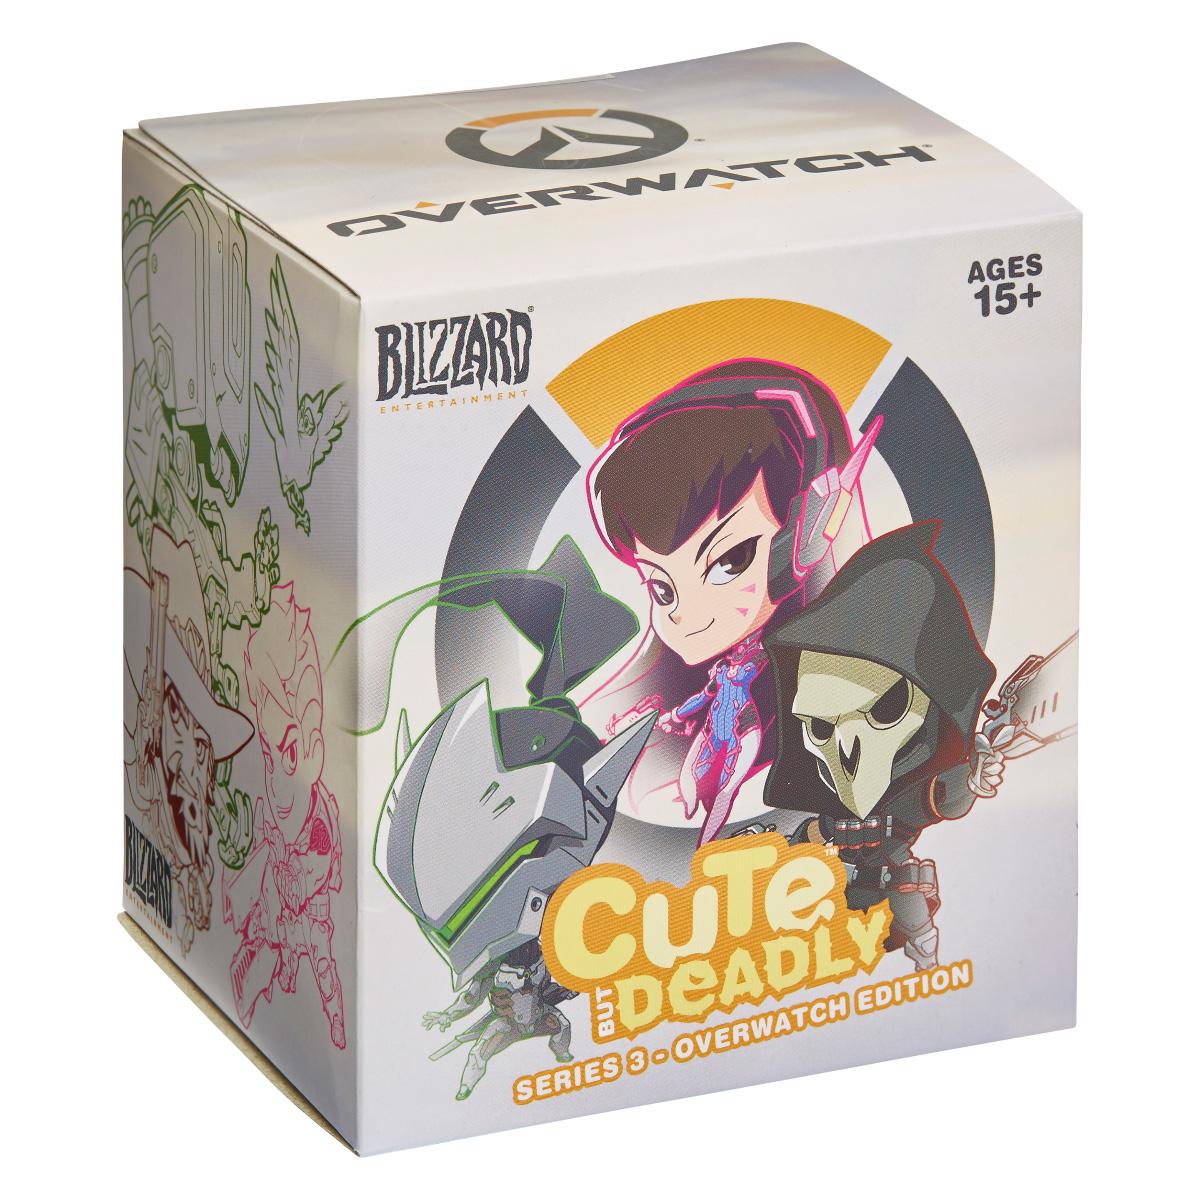 cbd_series-3-ow-packaging-gallery_1.jpg